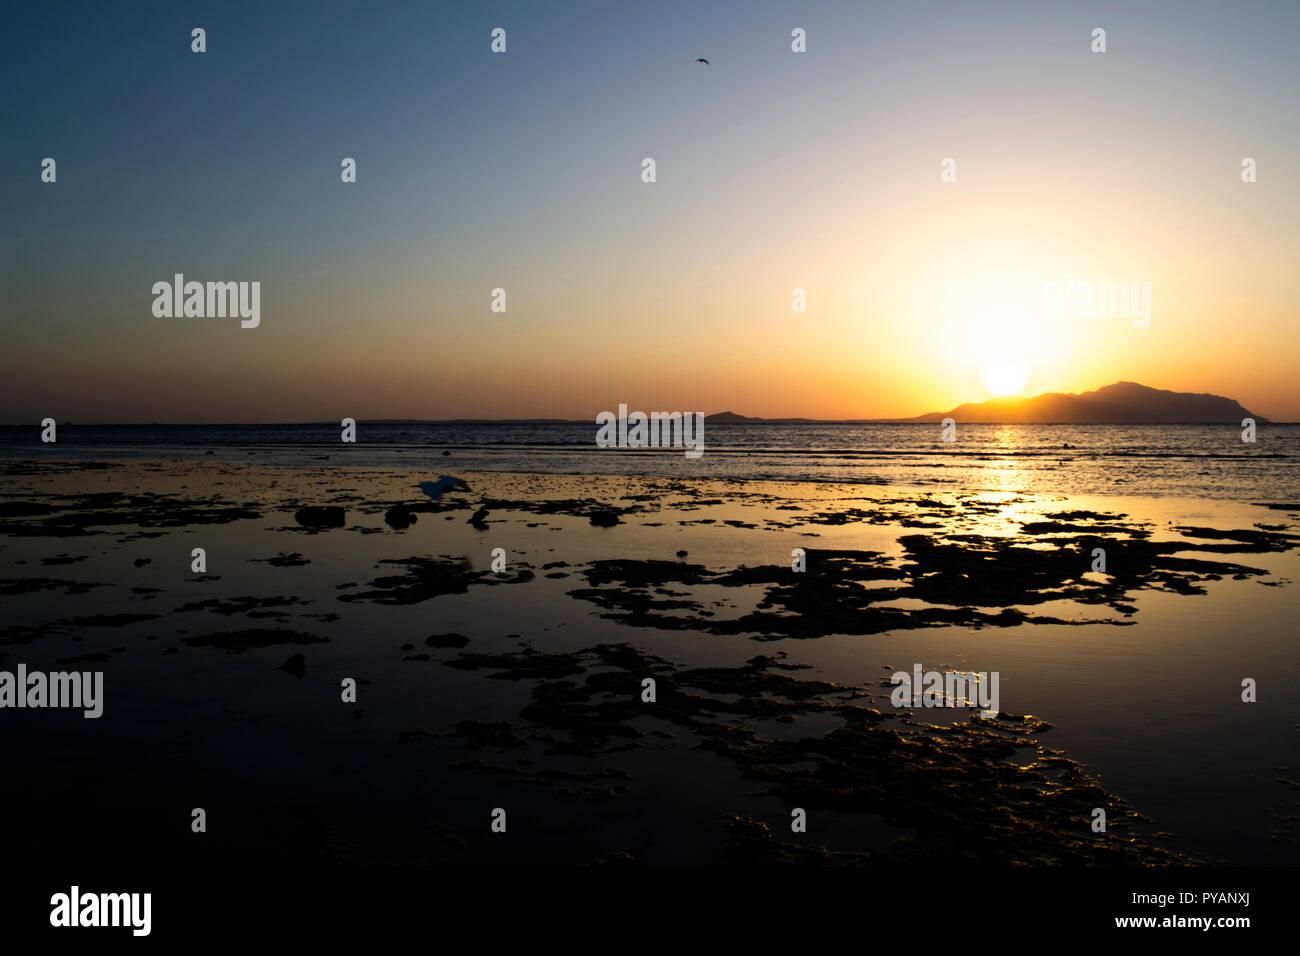 Wundervoller Sonnenaufgang über das Rote Meer und die Insel Tiran. Ägypten Stockbild